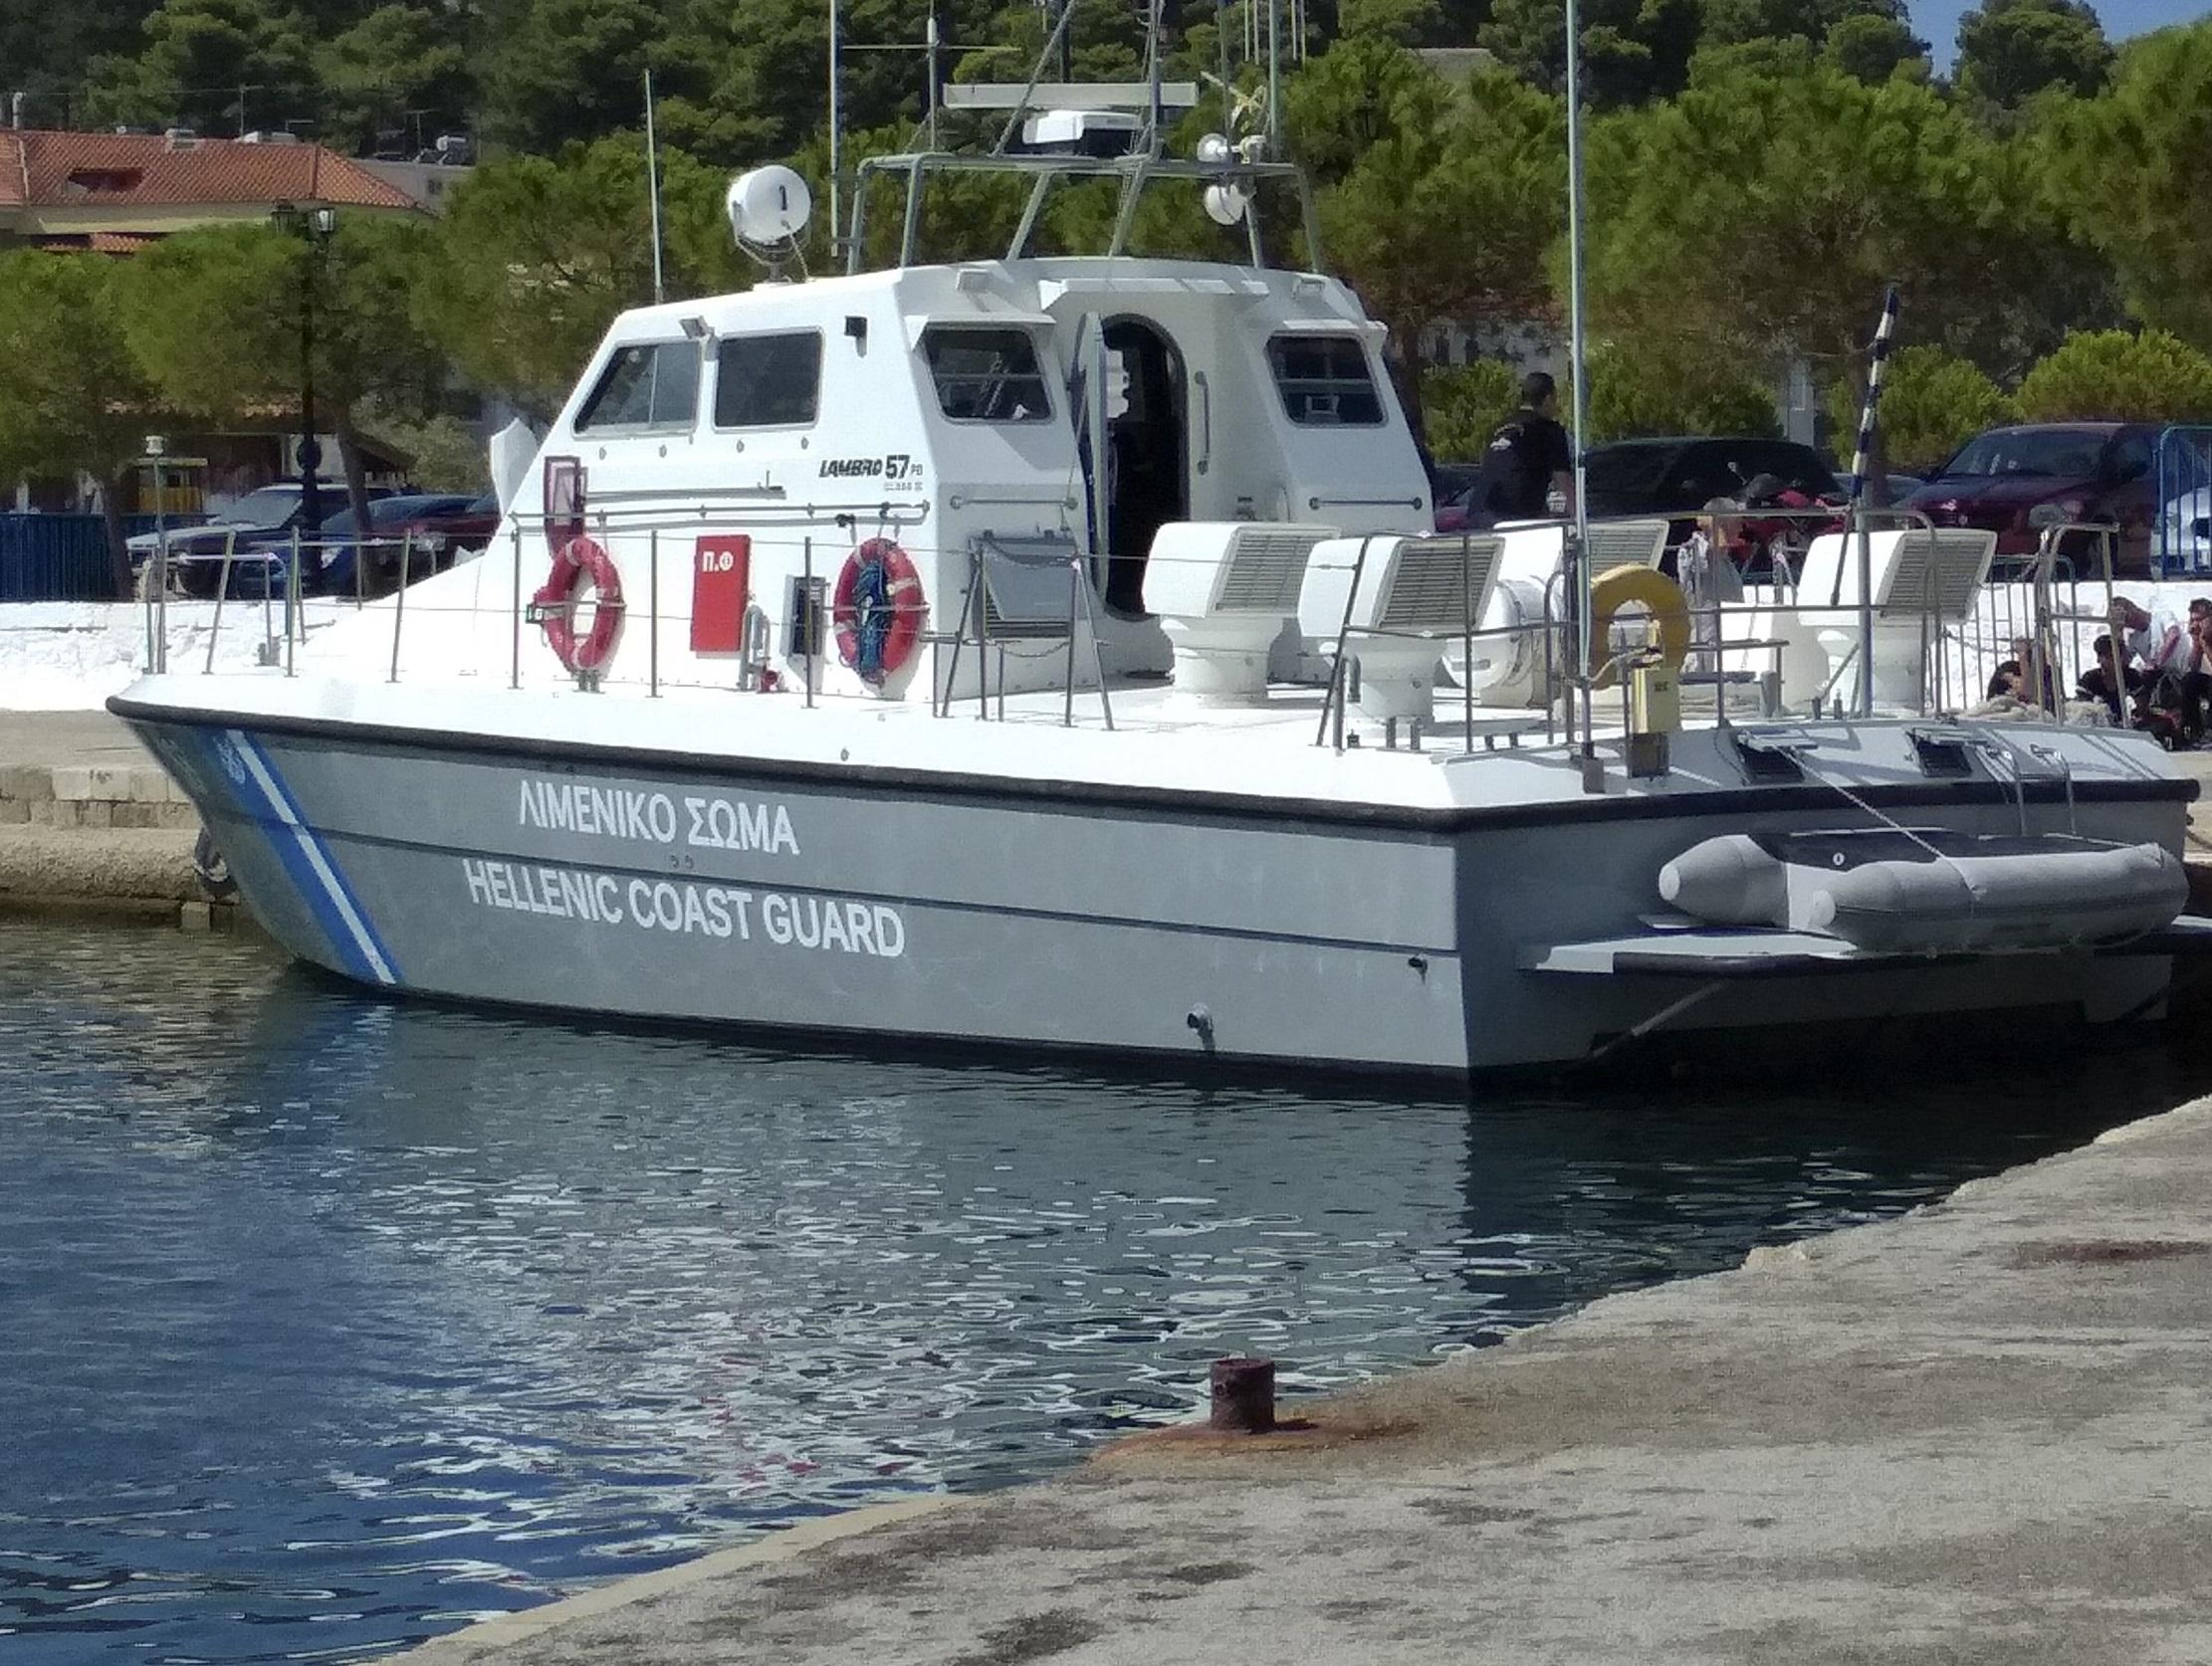 σκάφος Λιμενικού Σώματος